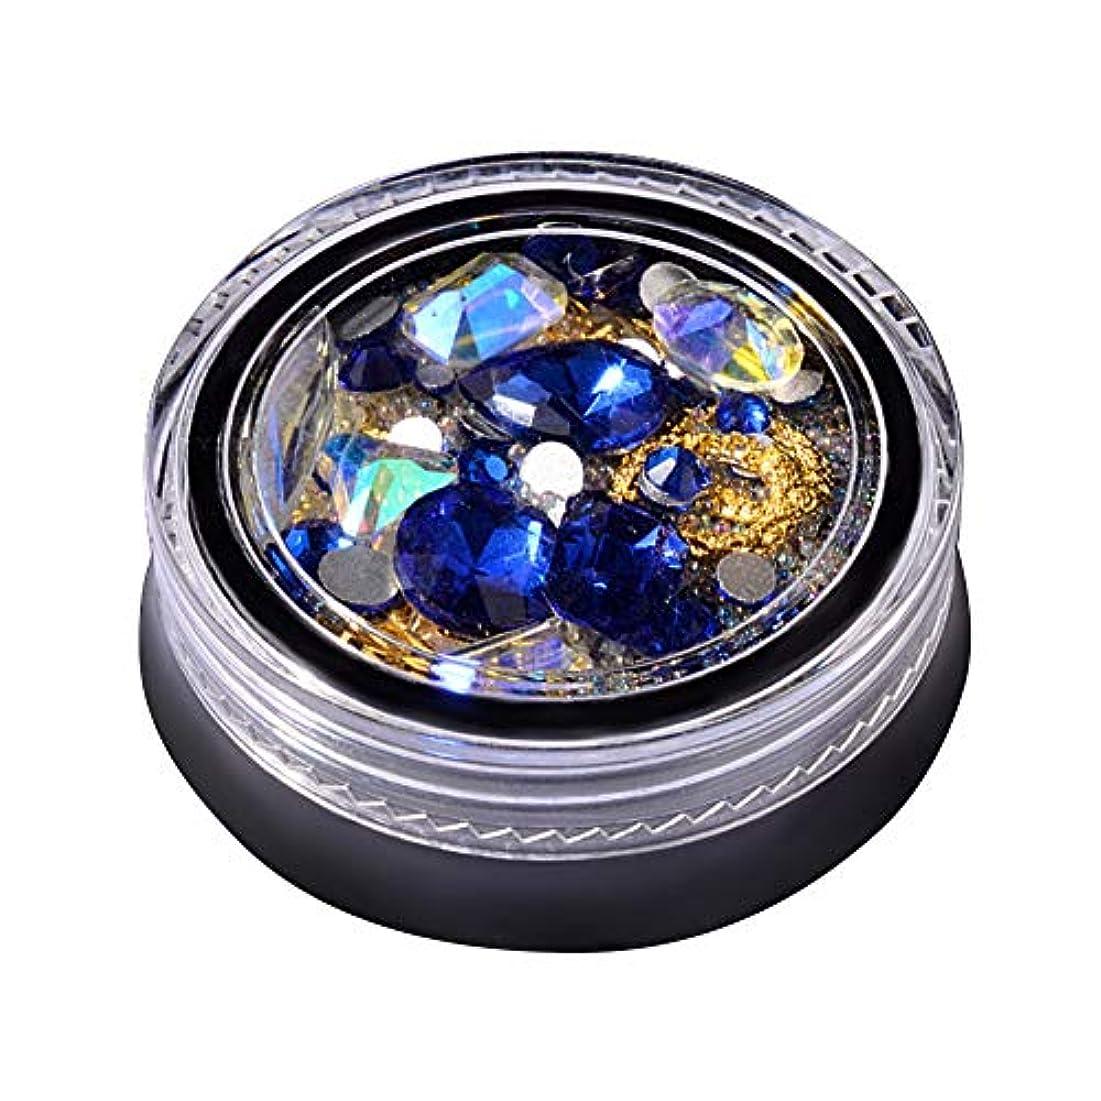 妨げるに慣れ地域のネイルジュエリーネイルダイヤモンド形の多面的な創造的な装飾的な模造ダイヤモンドドリルダイヤモンドは青のDIYネイルアートツールセットの小道具